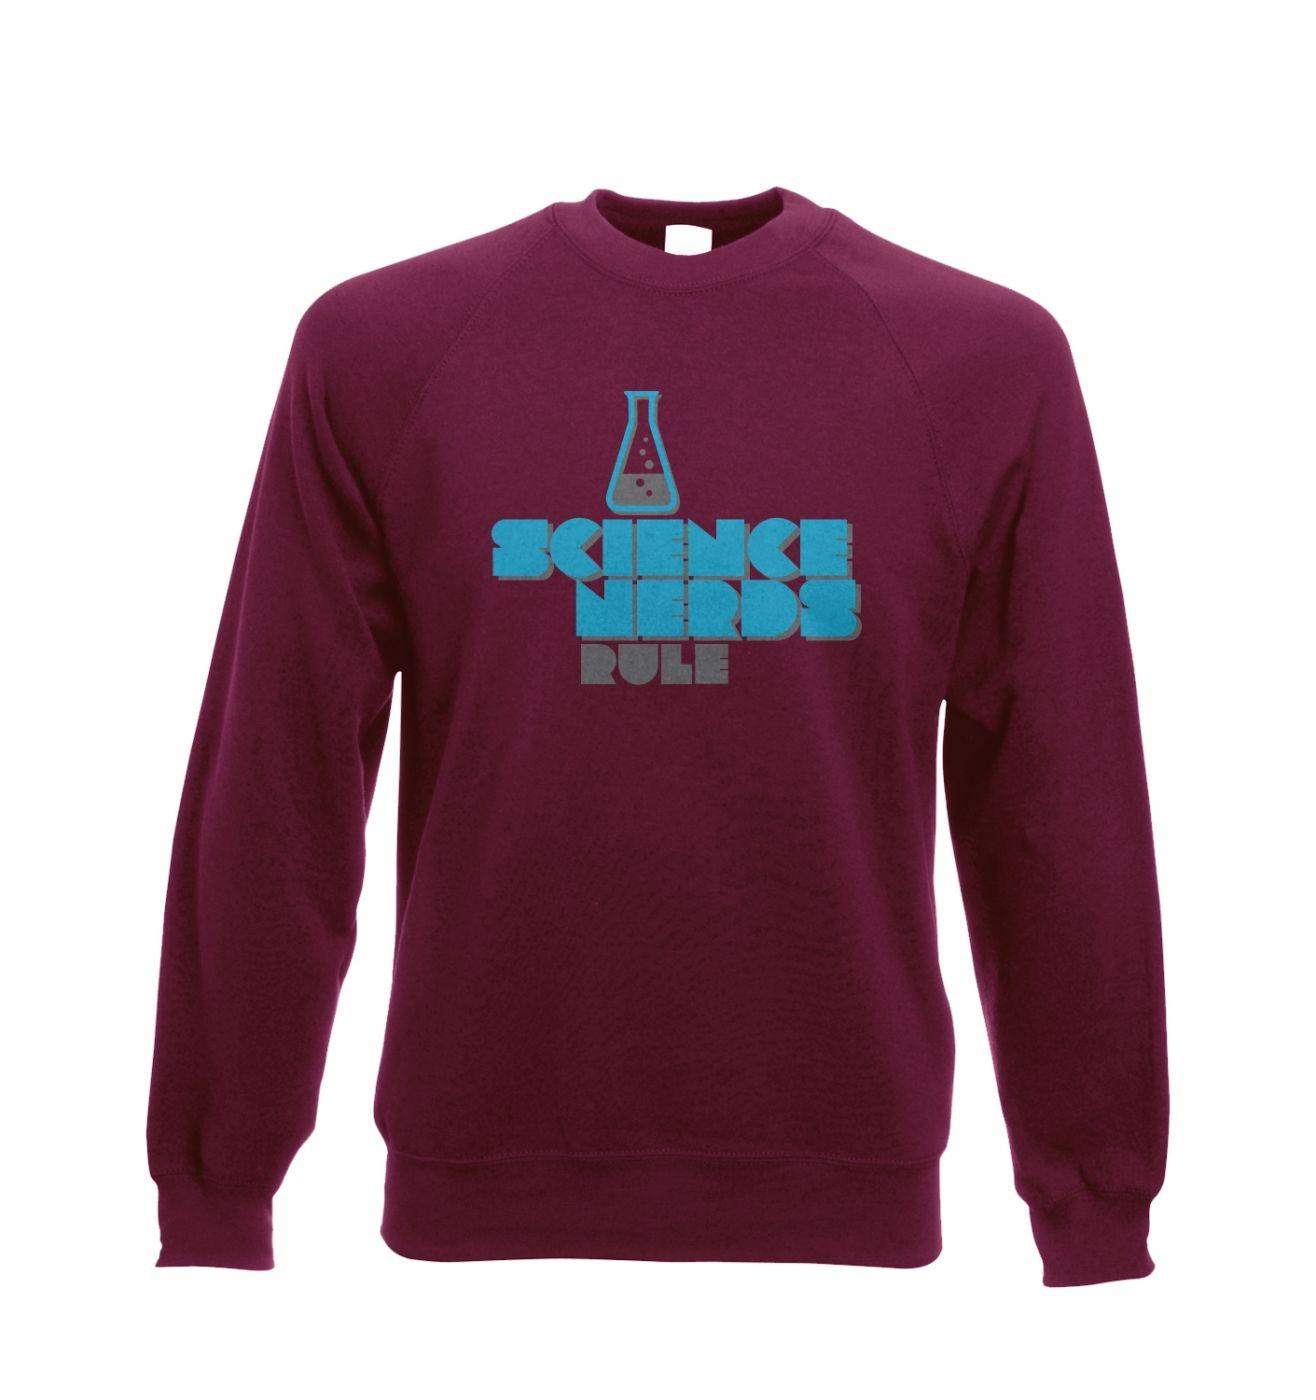 Science Nerds Rule - Adult Crewneck Sweatshirt